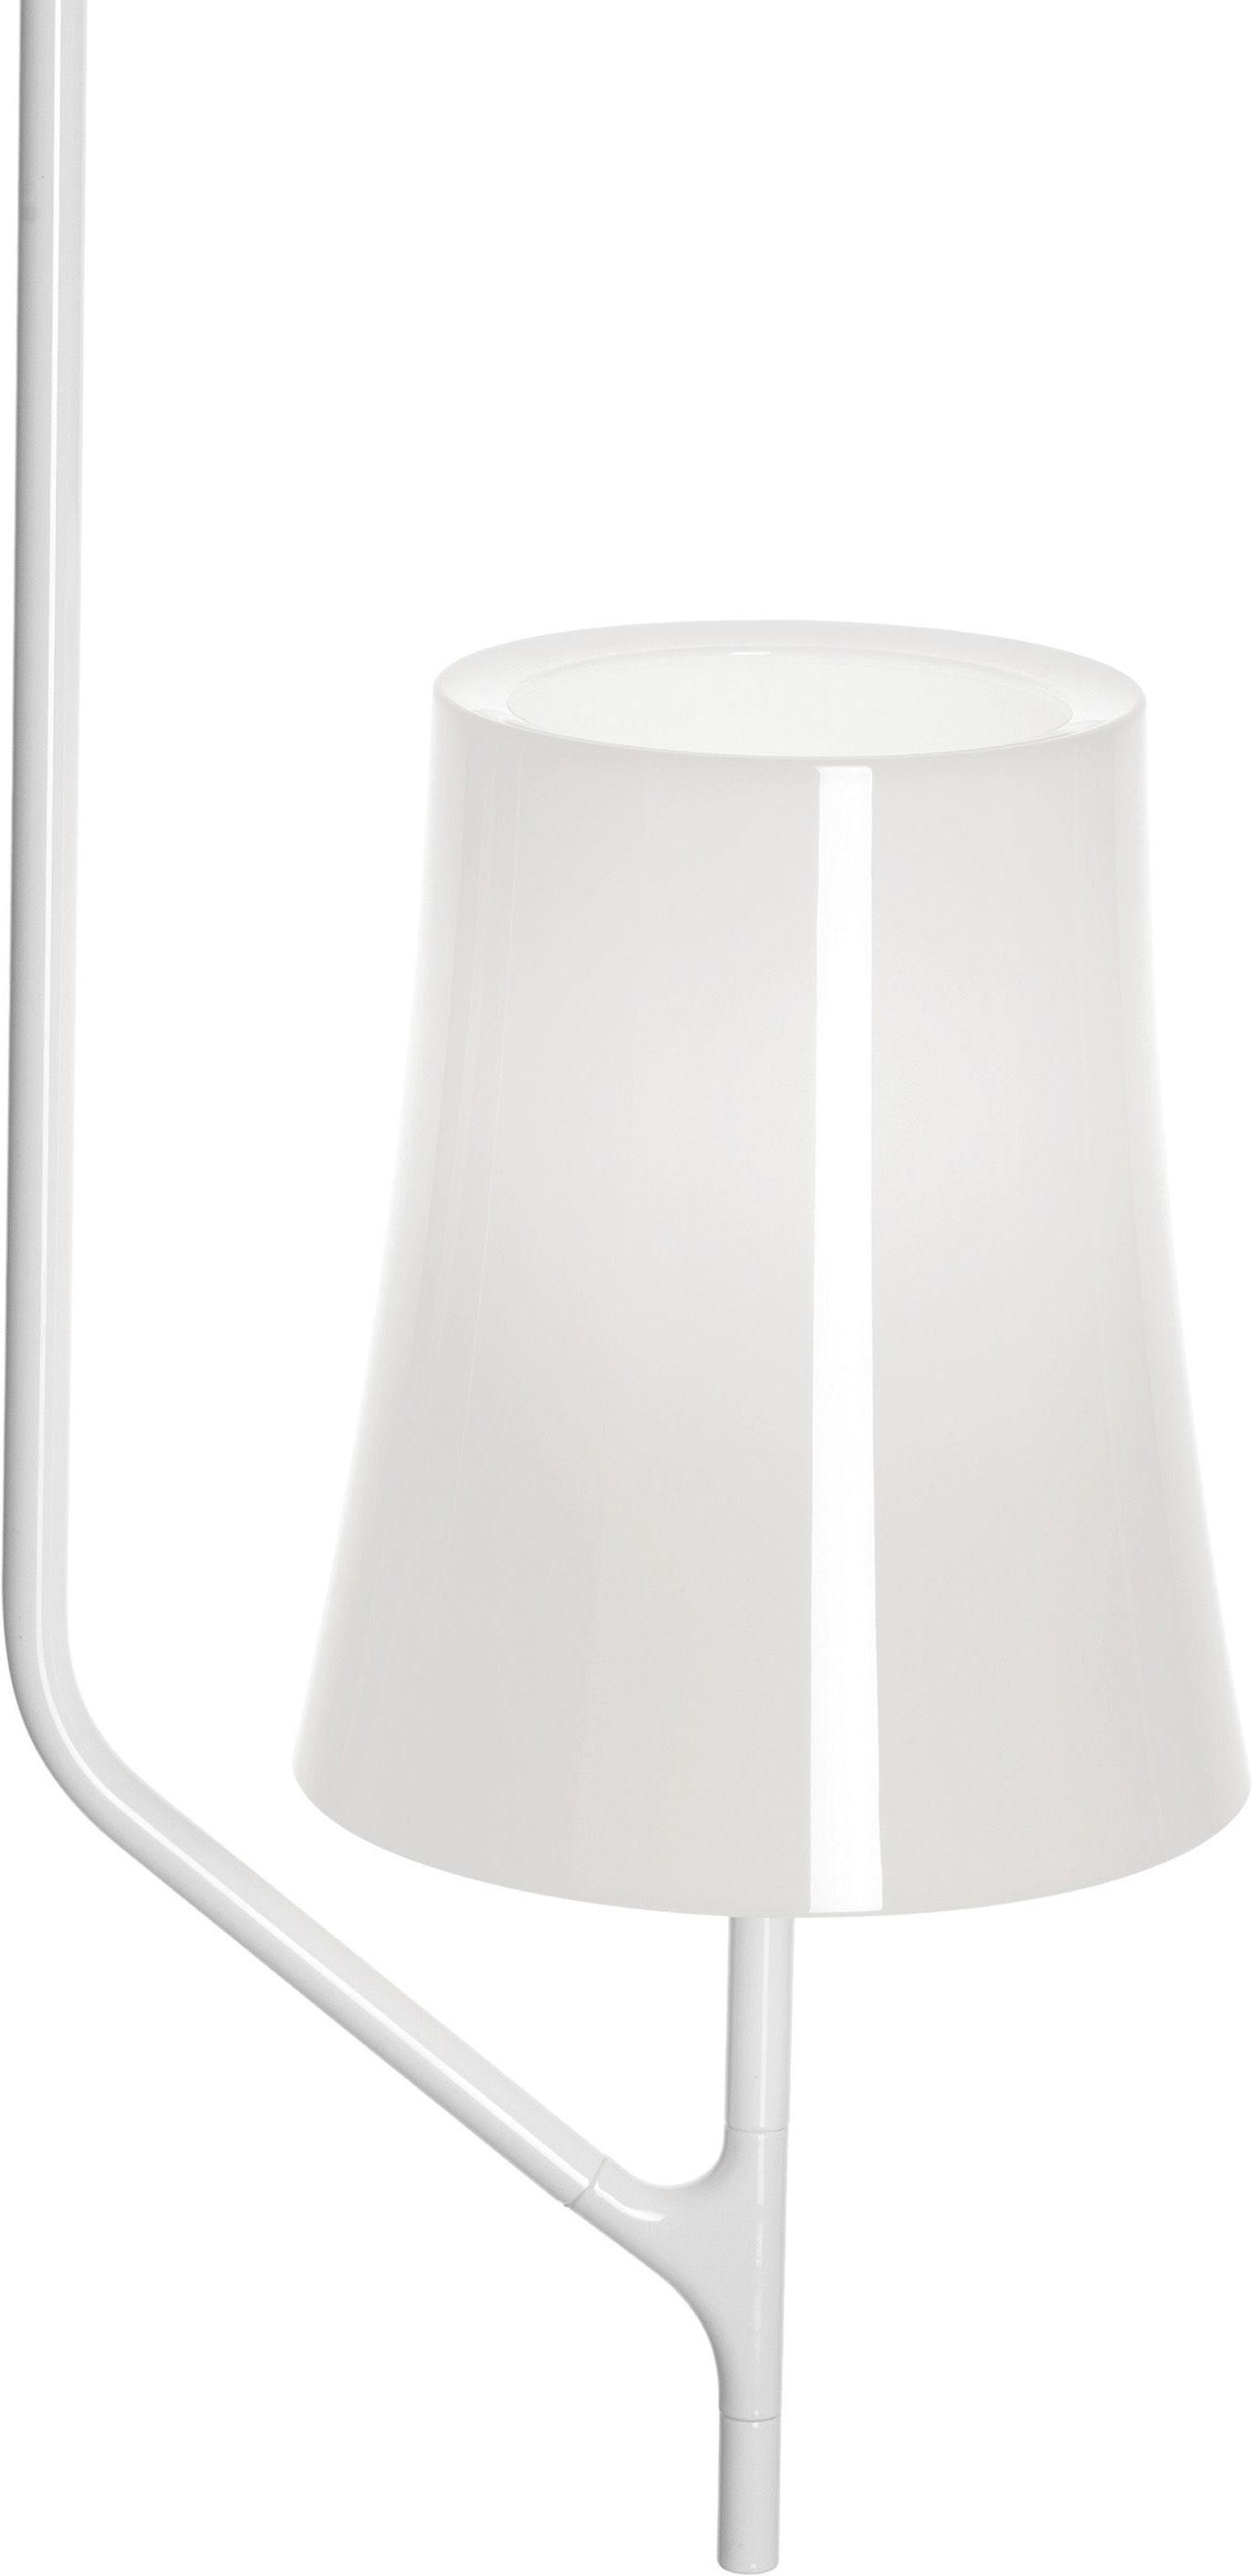 Illuminazione - Lampadari - Sospensione Birdie - / 1 braccio di Foscarini - 1 braccio - Bianco - Acciaio inossidabile verniciato, policarbonato